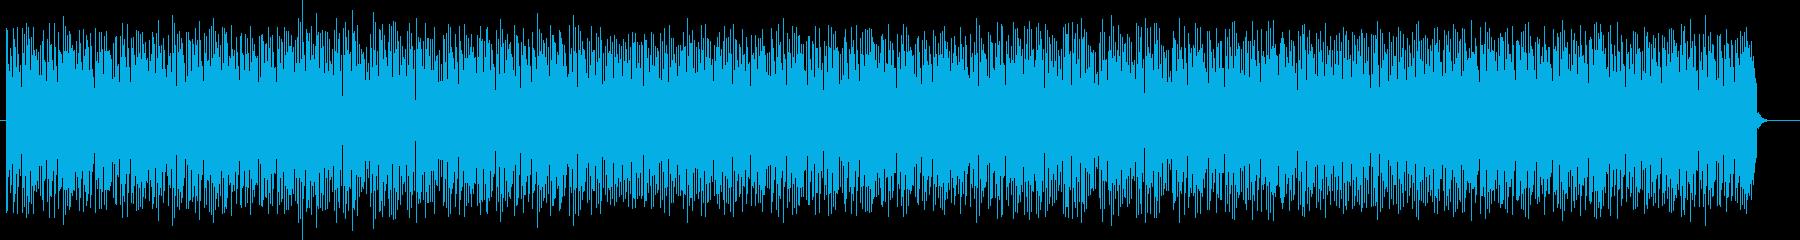 アップテンポでユニークな曲の再生済みの波形